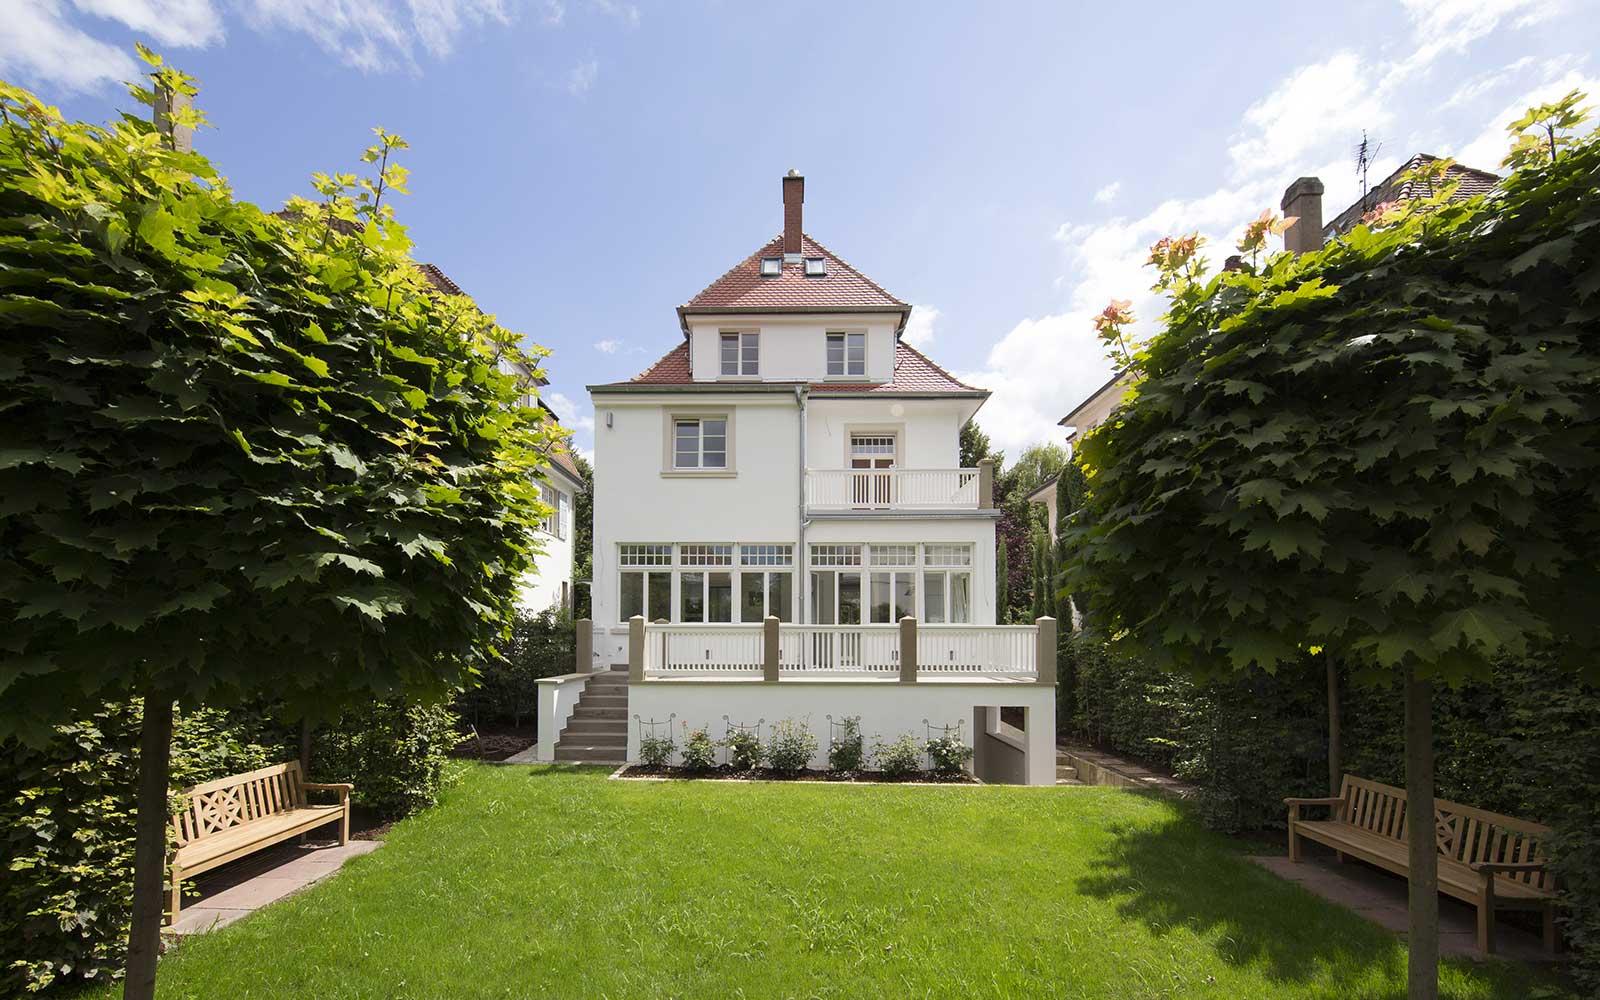 juwel werderplatz kochhan weckbach architekten heidelberg. Black Bedroom Furniture Sets. Home Design Ideas